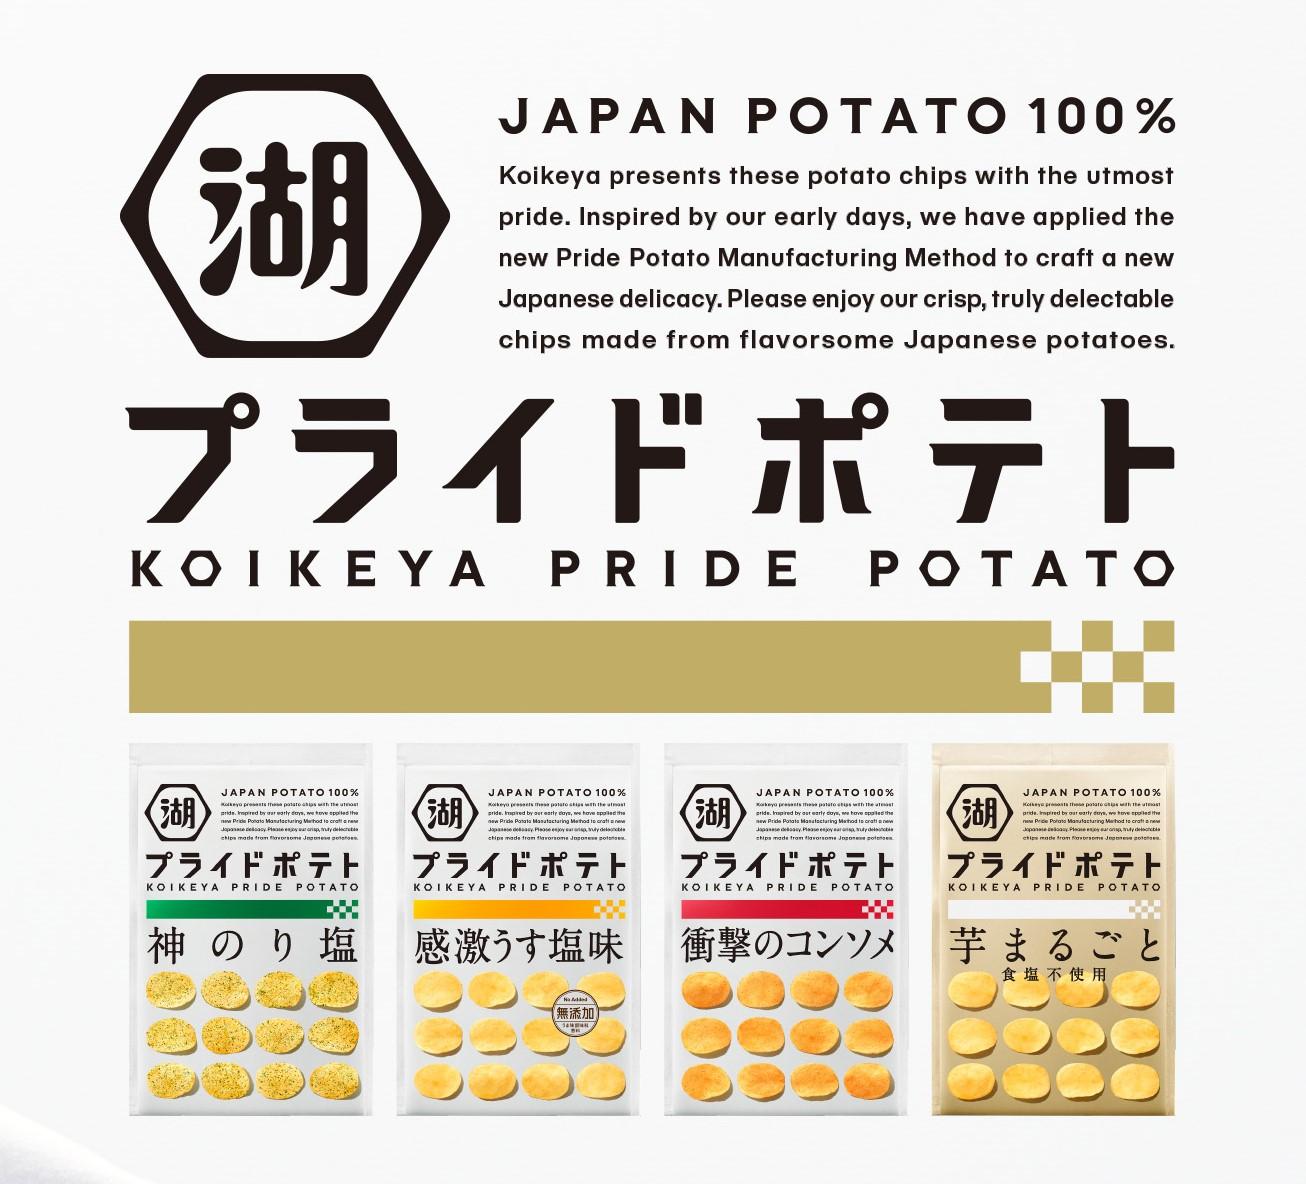 日本のポテトチップスの最高峰に挑戦した、湖池屋の最高傑作「プライドポテト」を食べてみた!